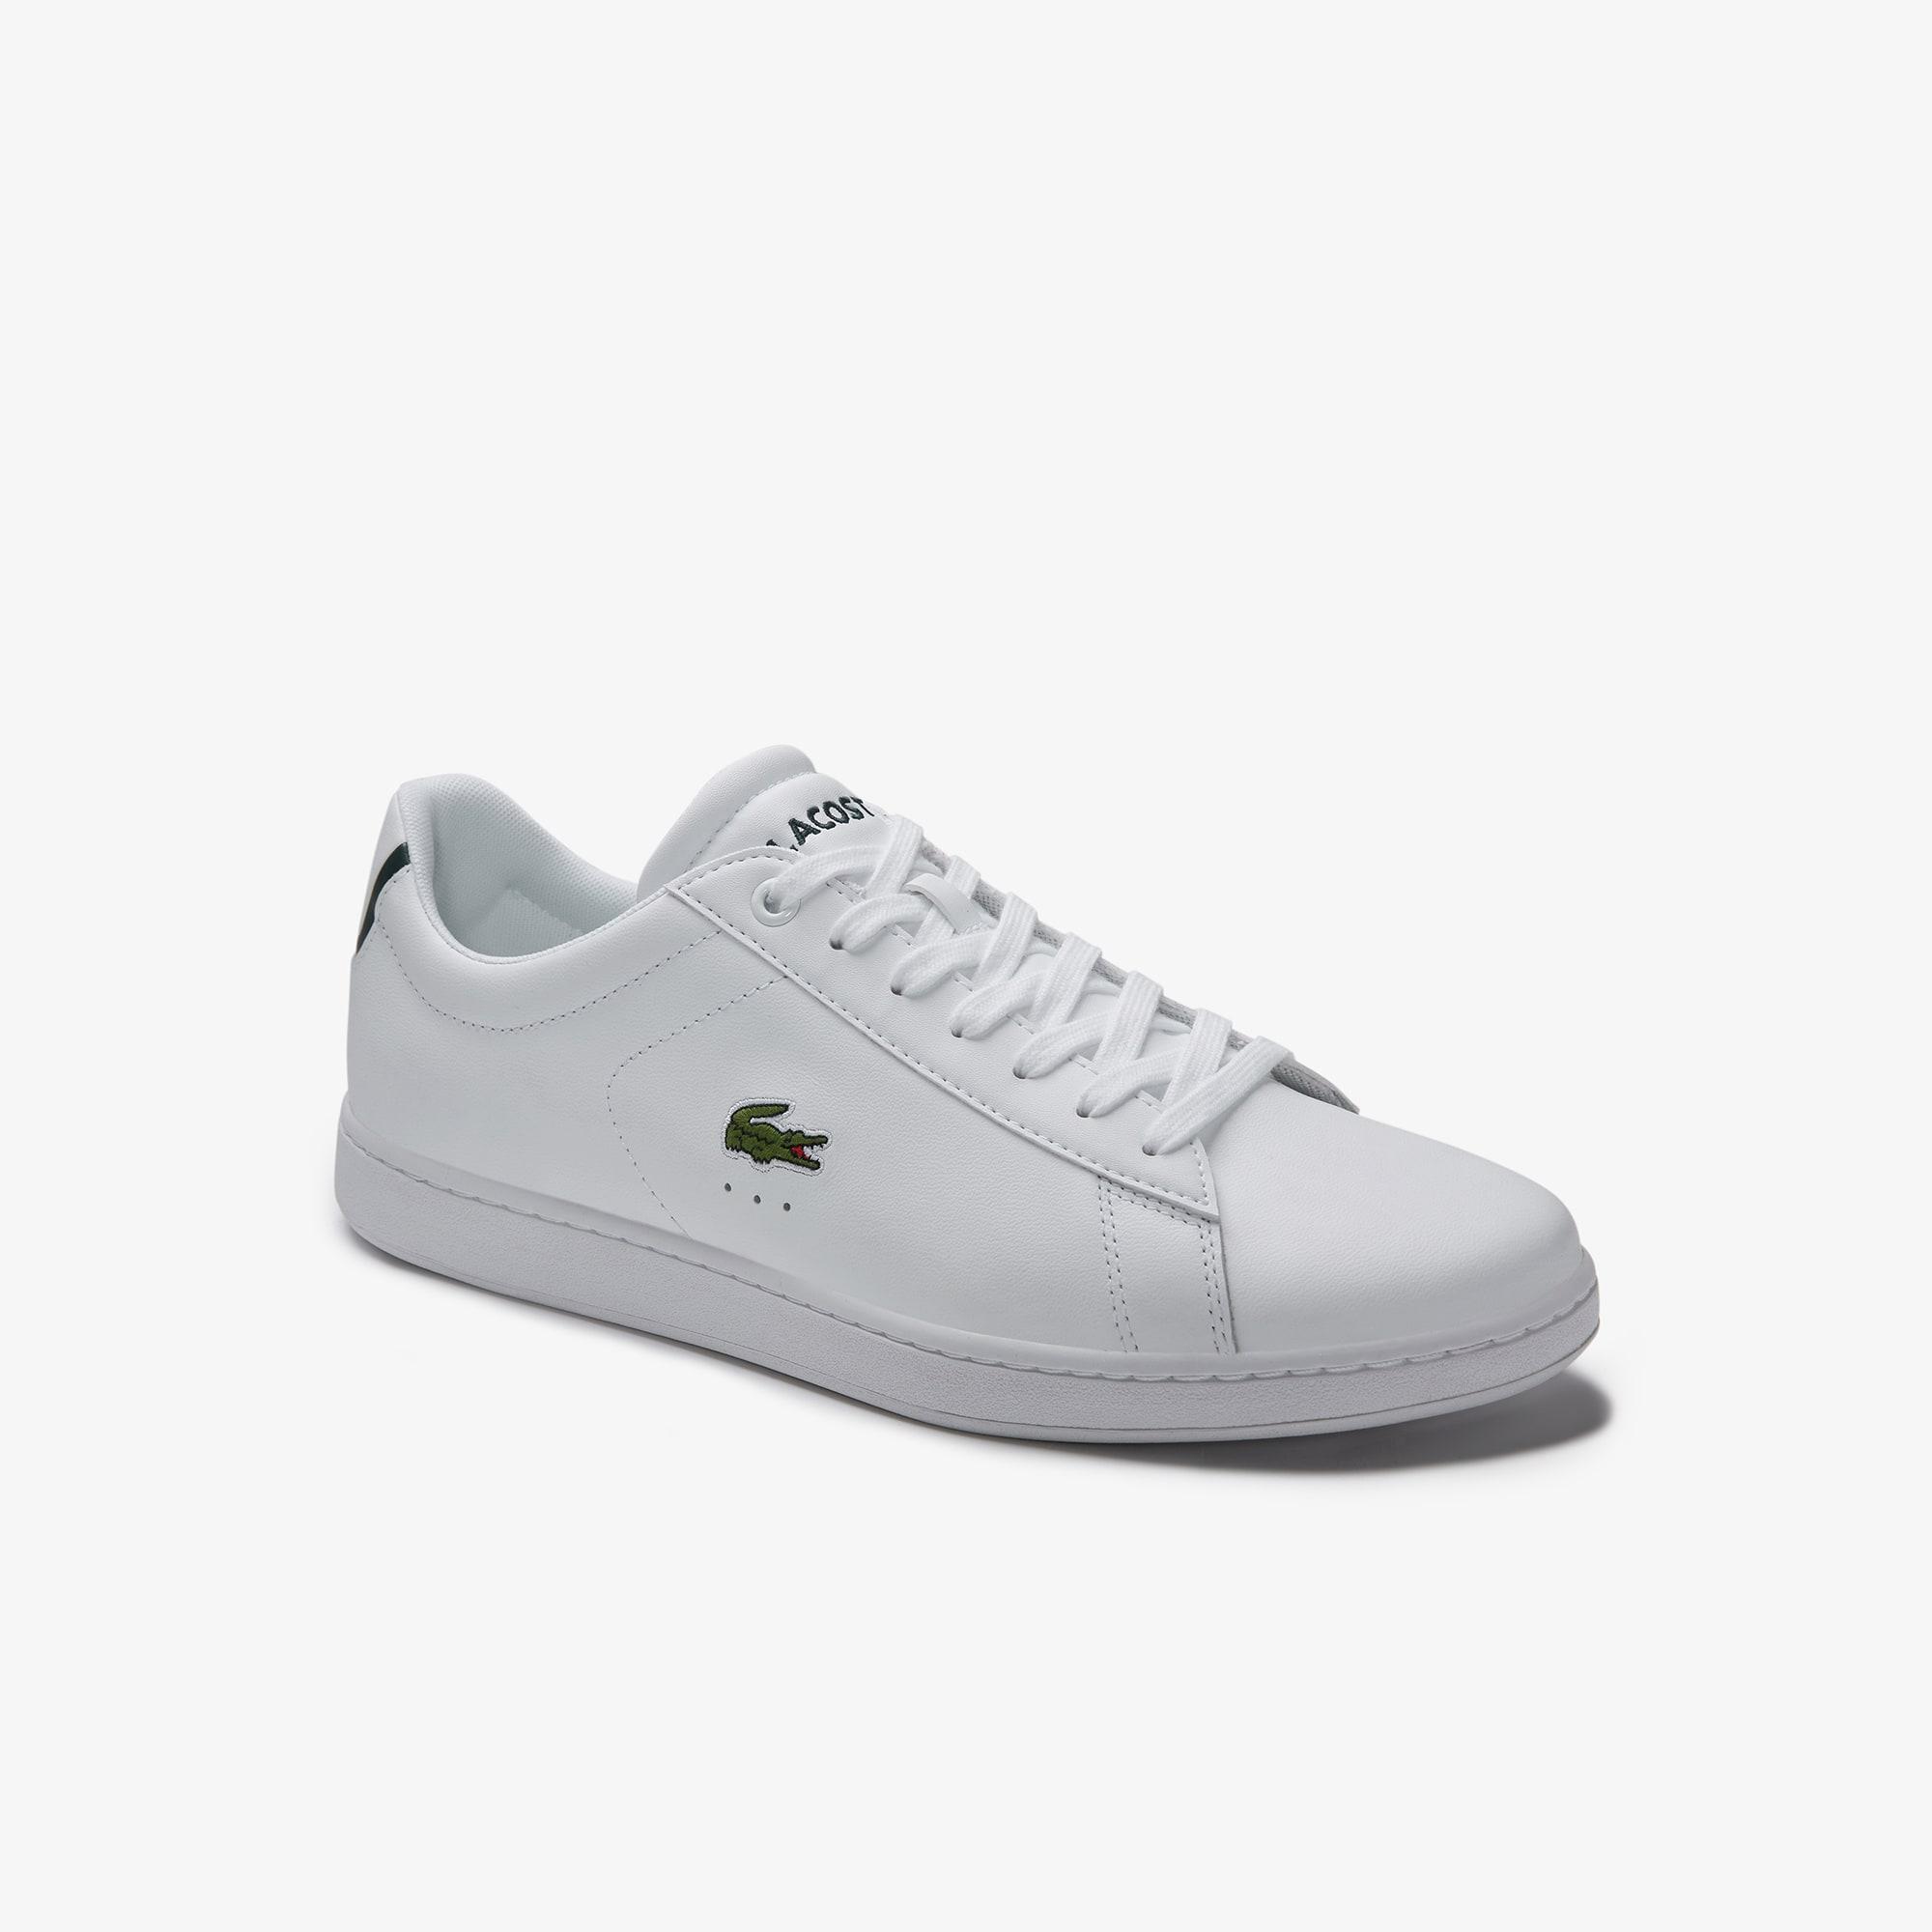 c9ef4b74b30 Sneakers Carnaby Evo Premium homme en cuir